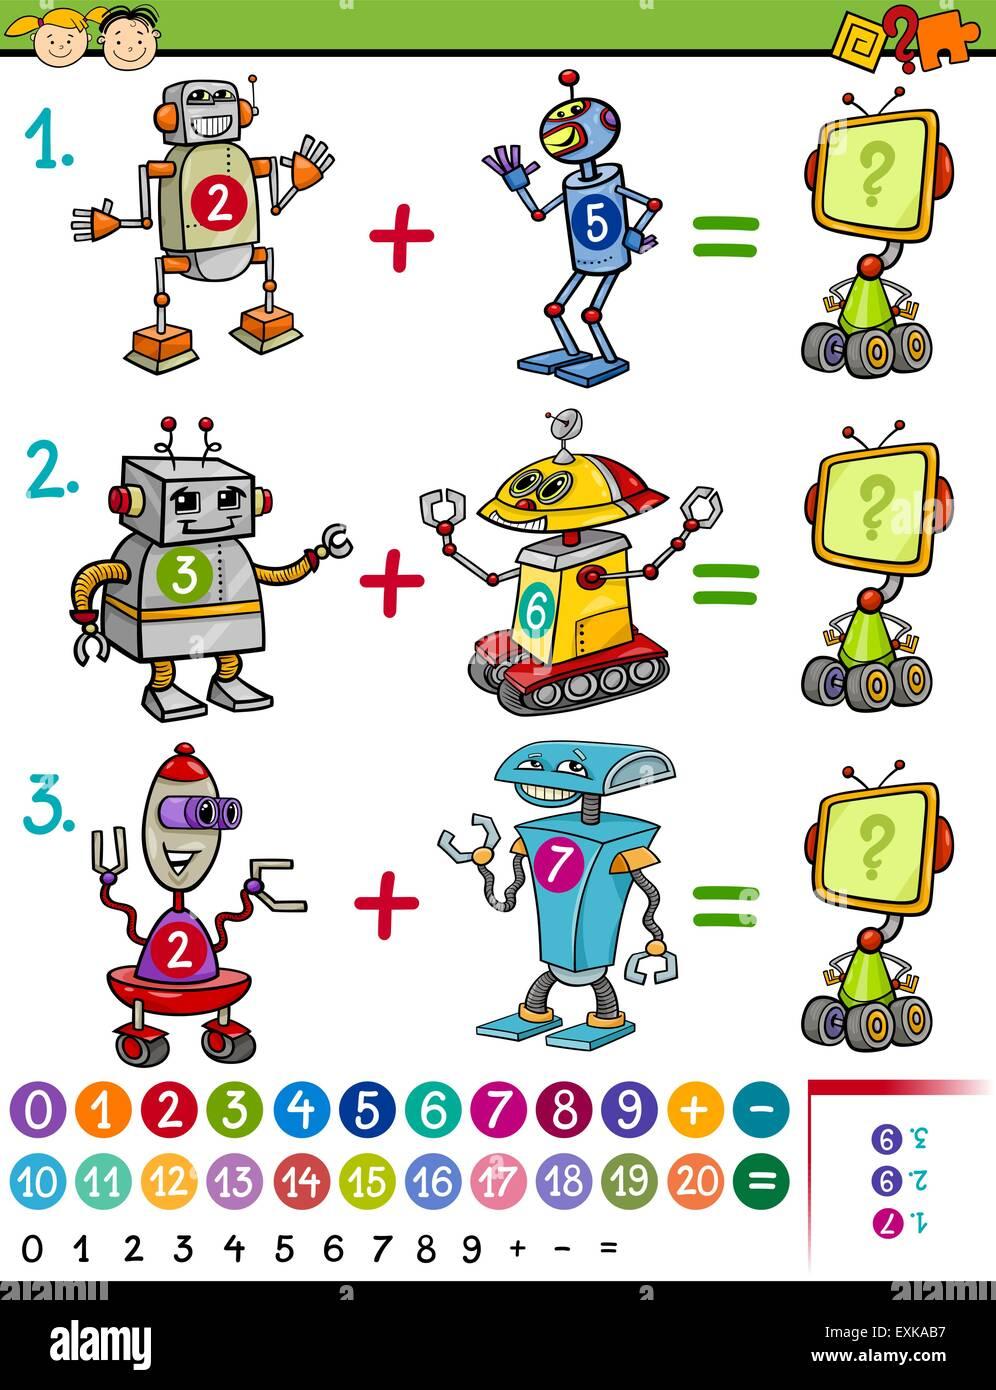 Ilustracion De Cartoon Juegos Matematicos De Educacion Para Ninos